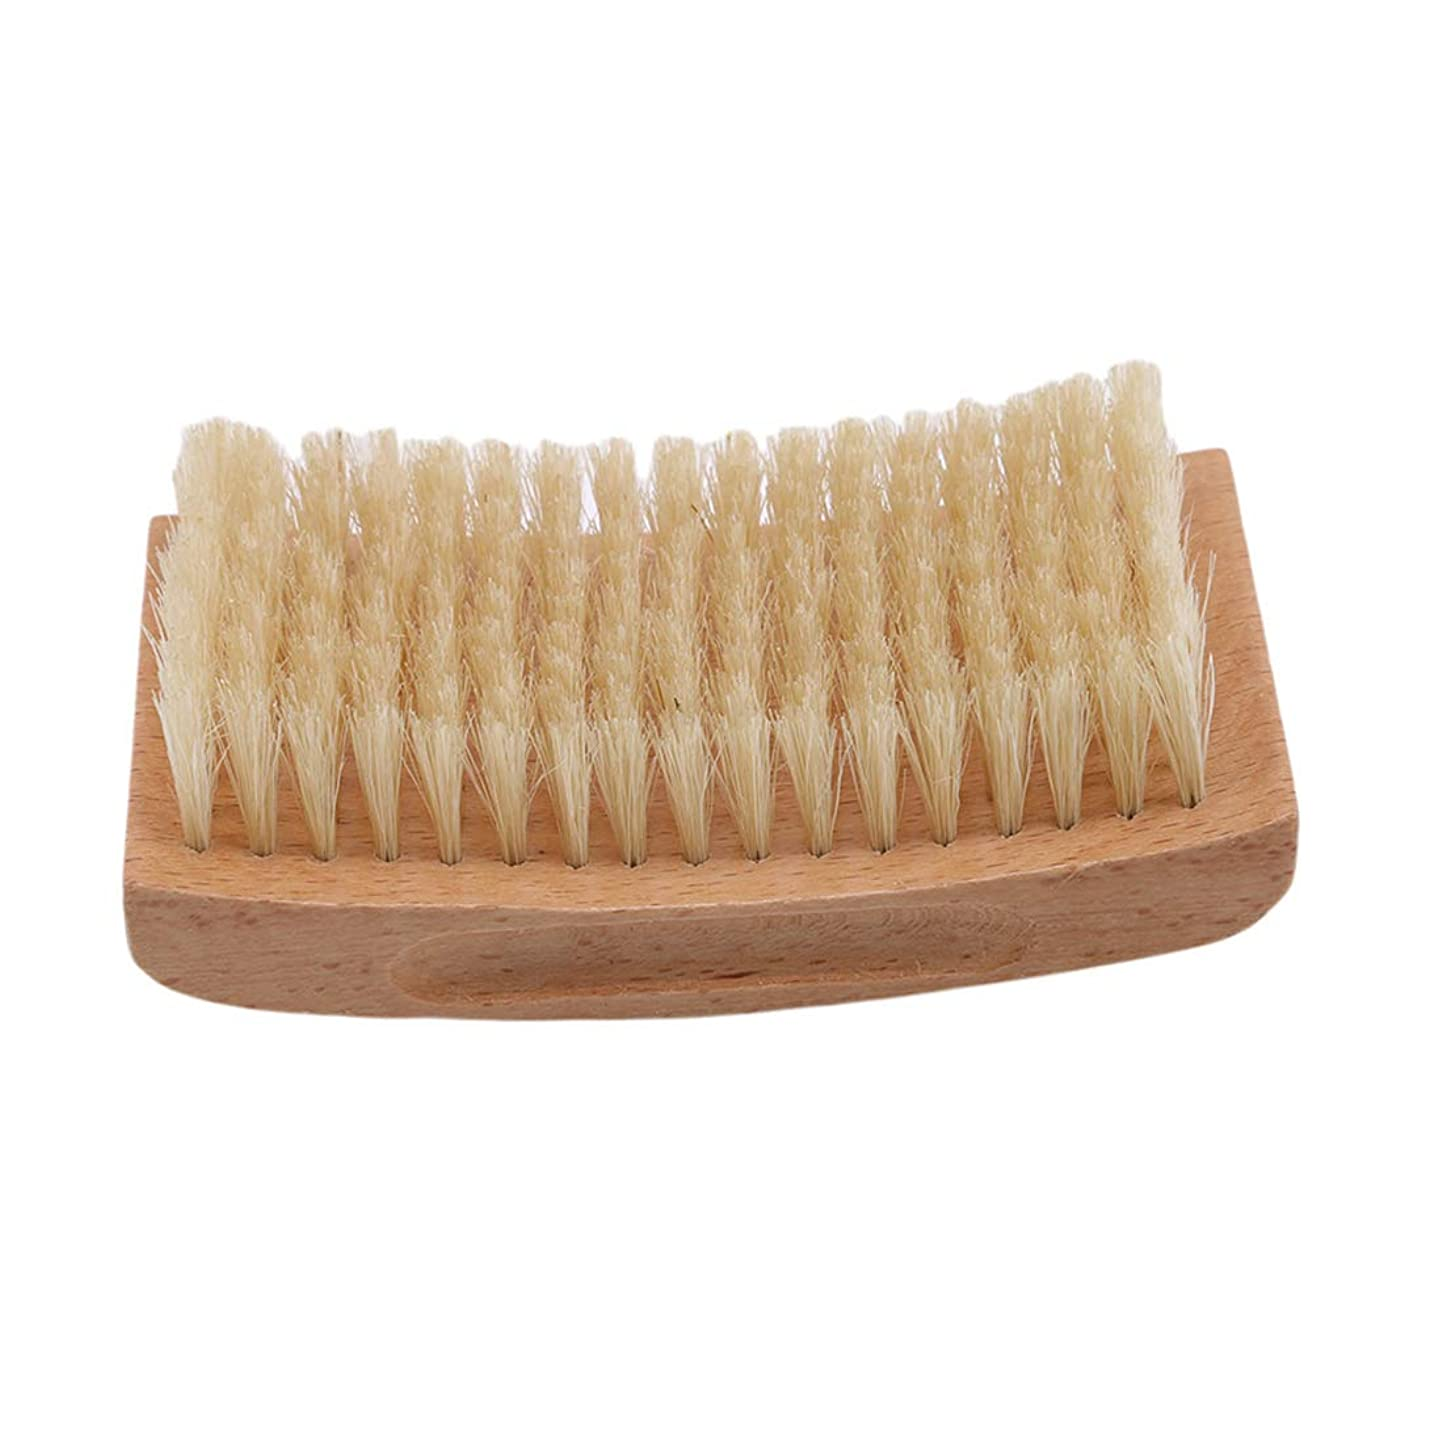 抑制腰卑しいKLUMA ひげブラシ シェービングブラシ 理容 洗顔 髭剃り 泡立ち 洗顔ブラシ 2#